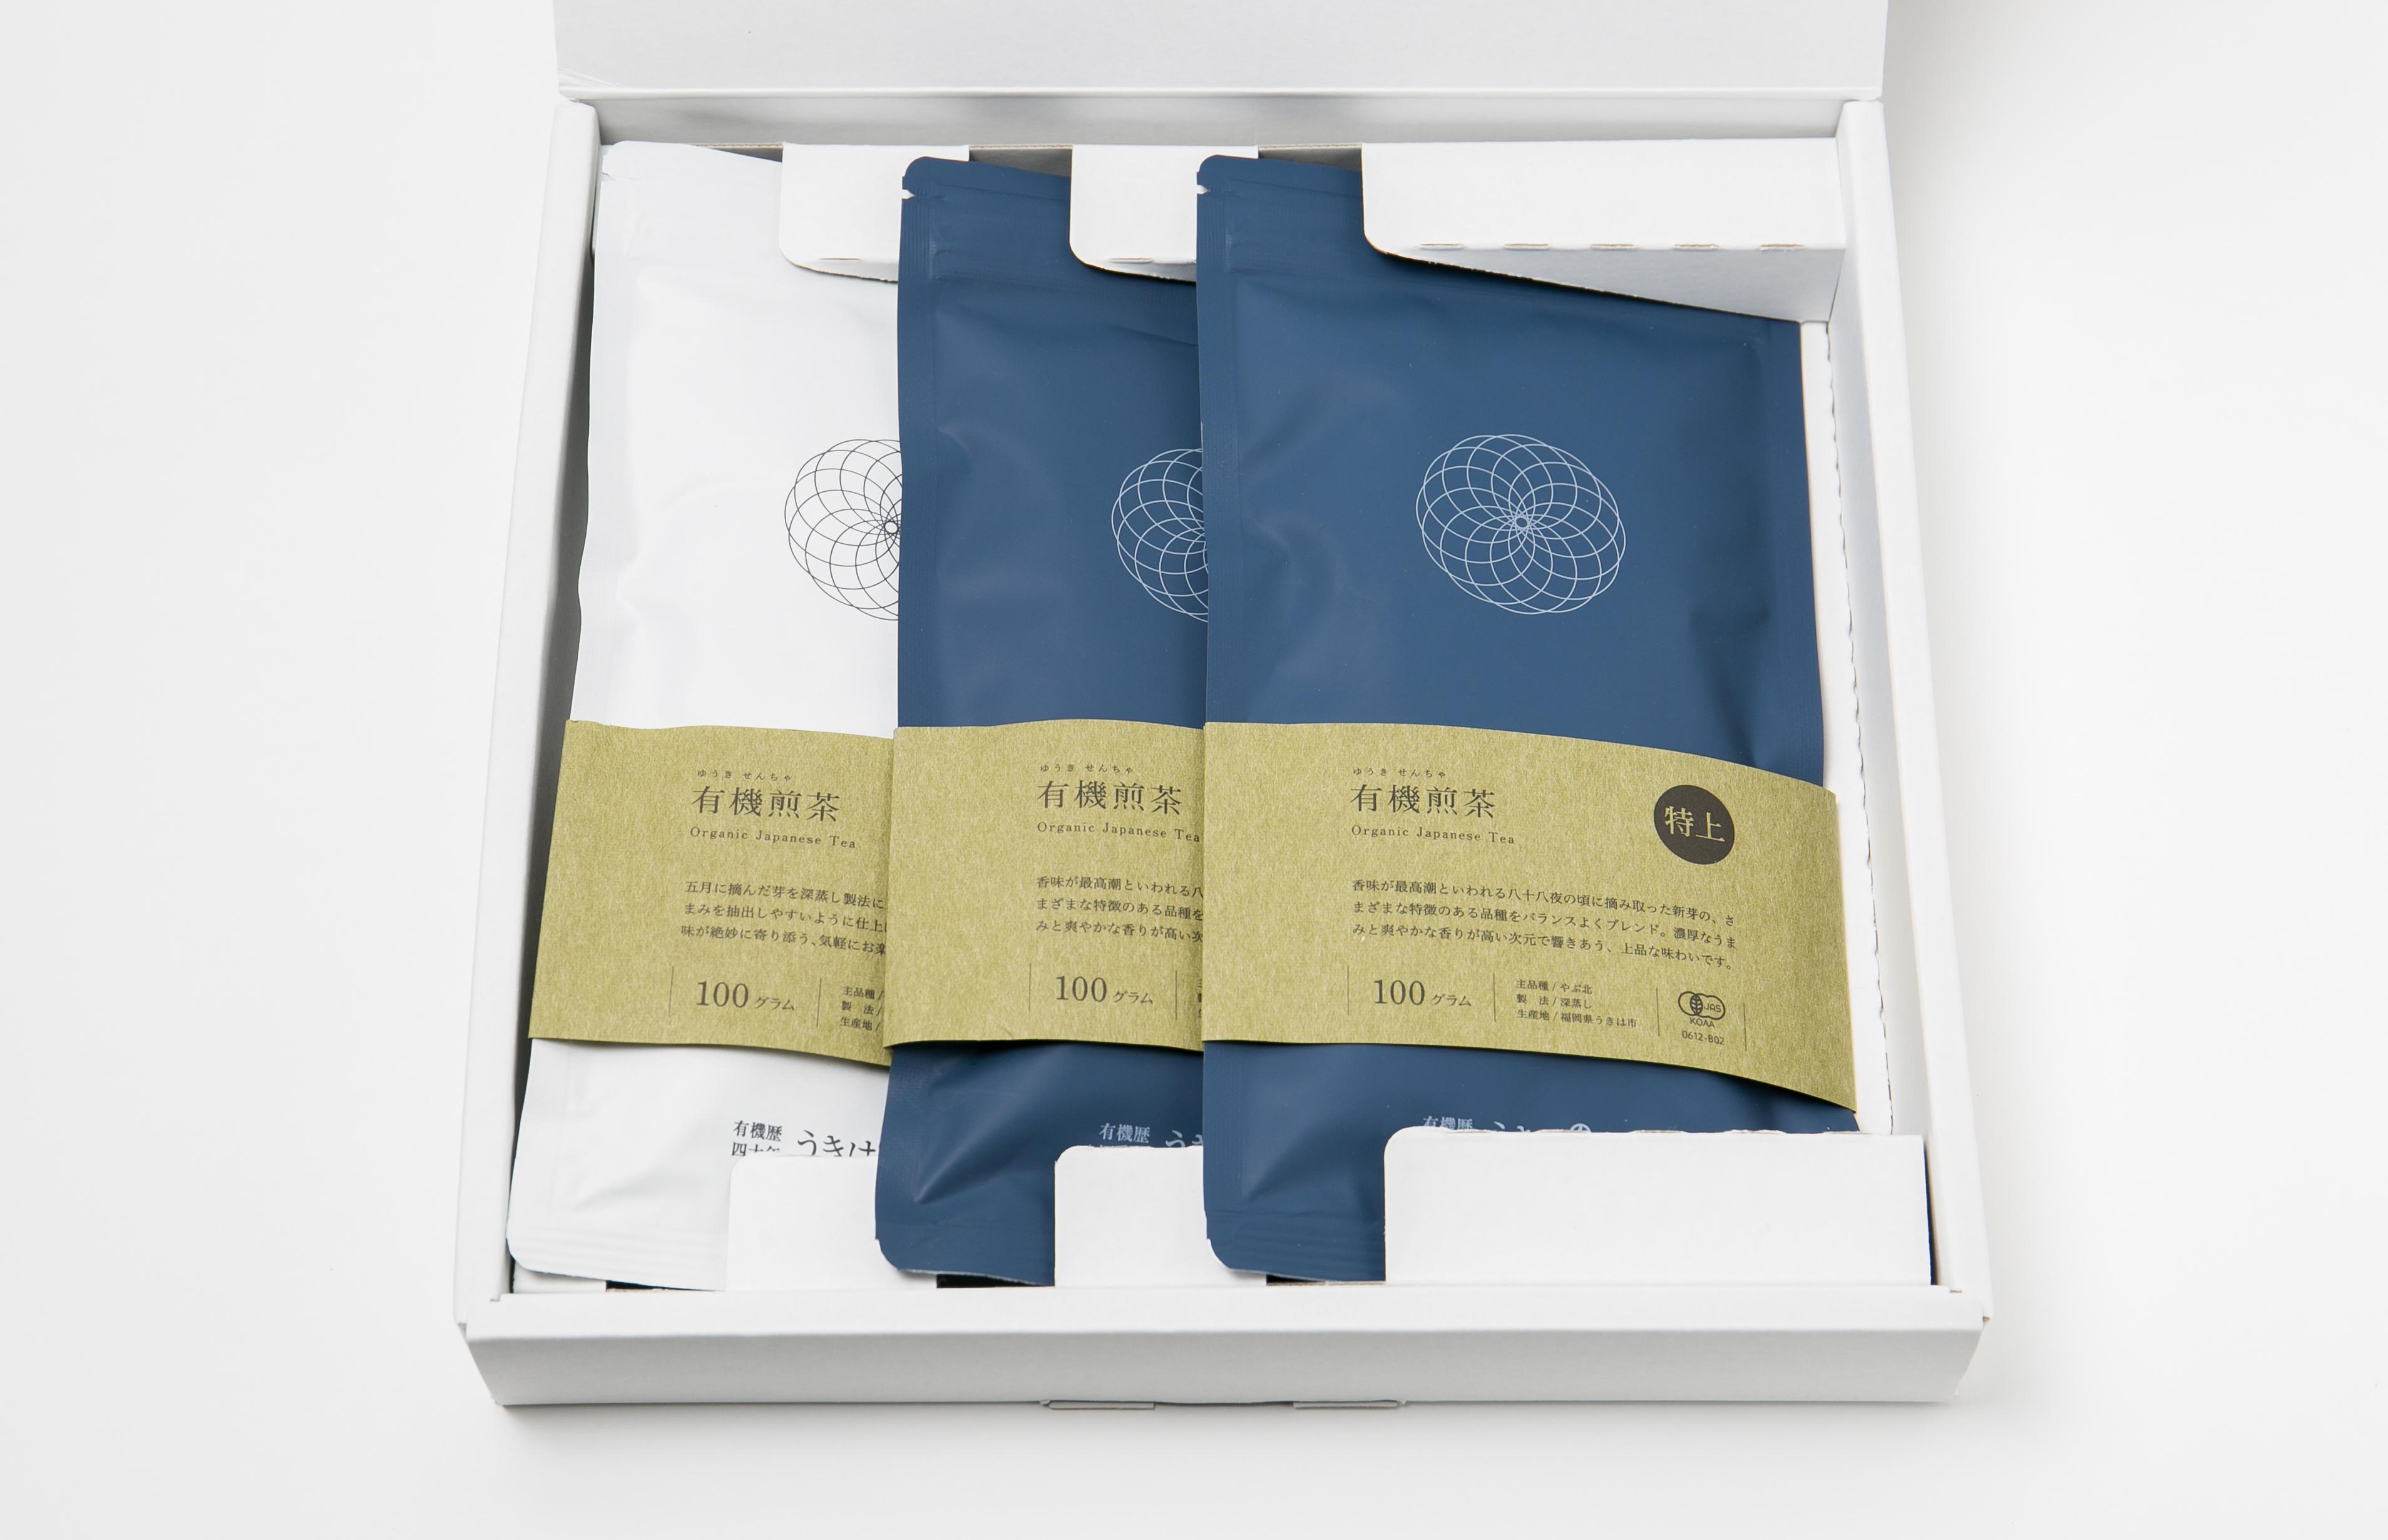 うきはの山茶 3本入 平箱 S-002 商品イメージ1